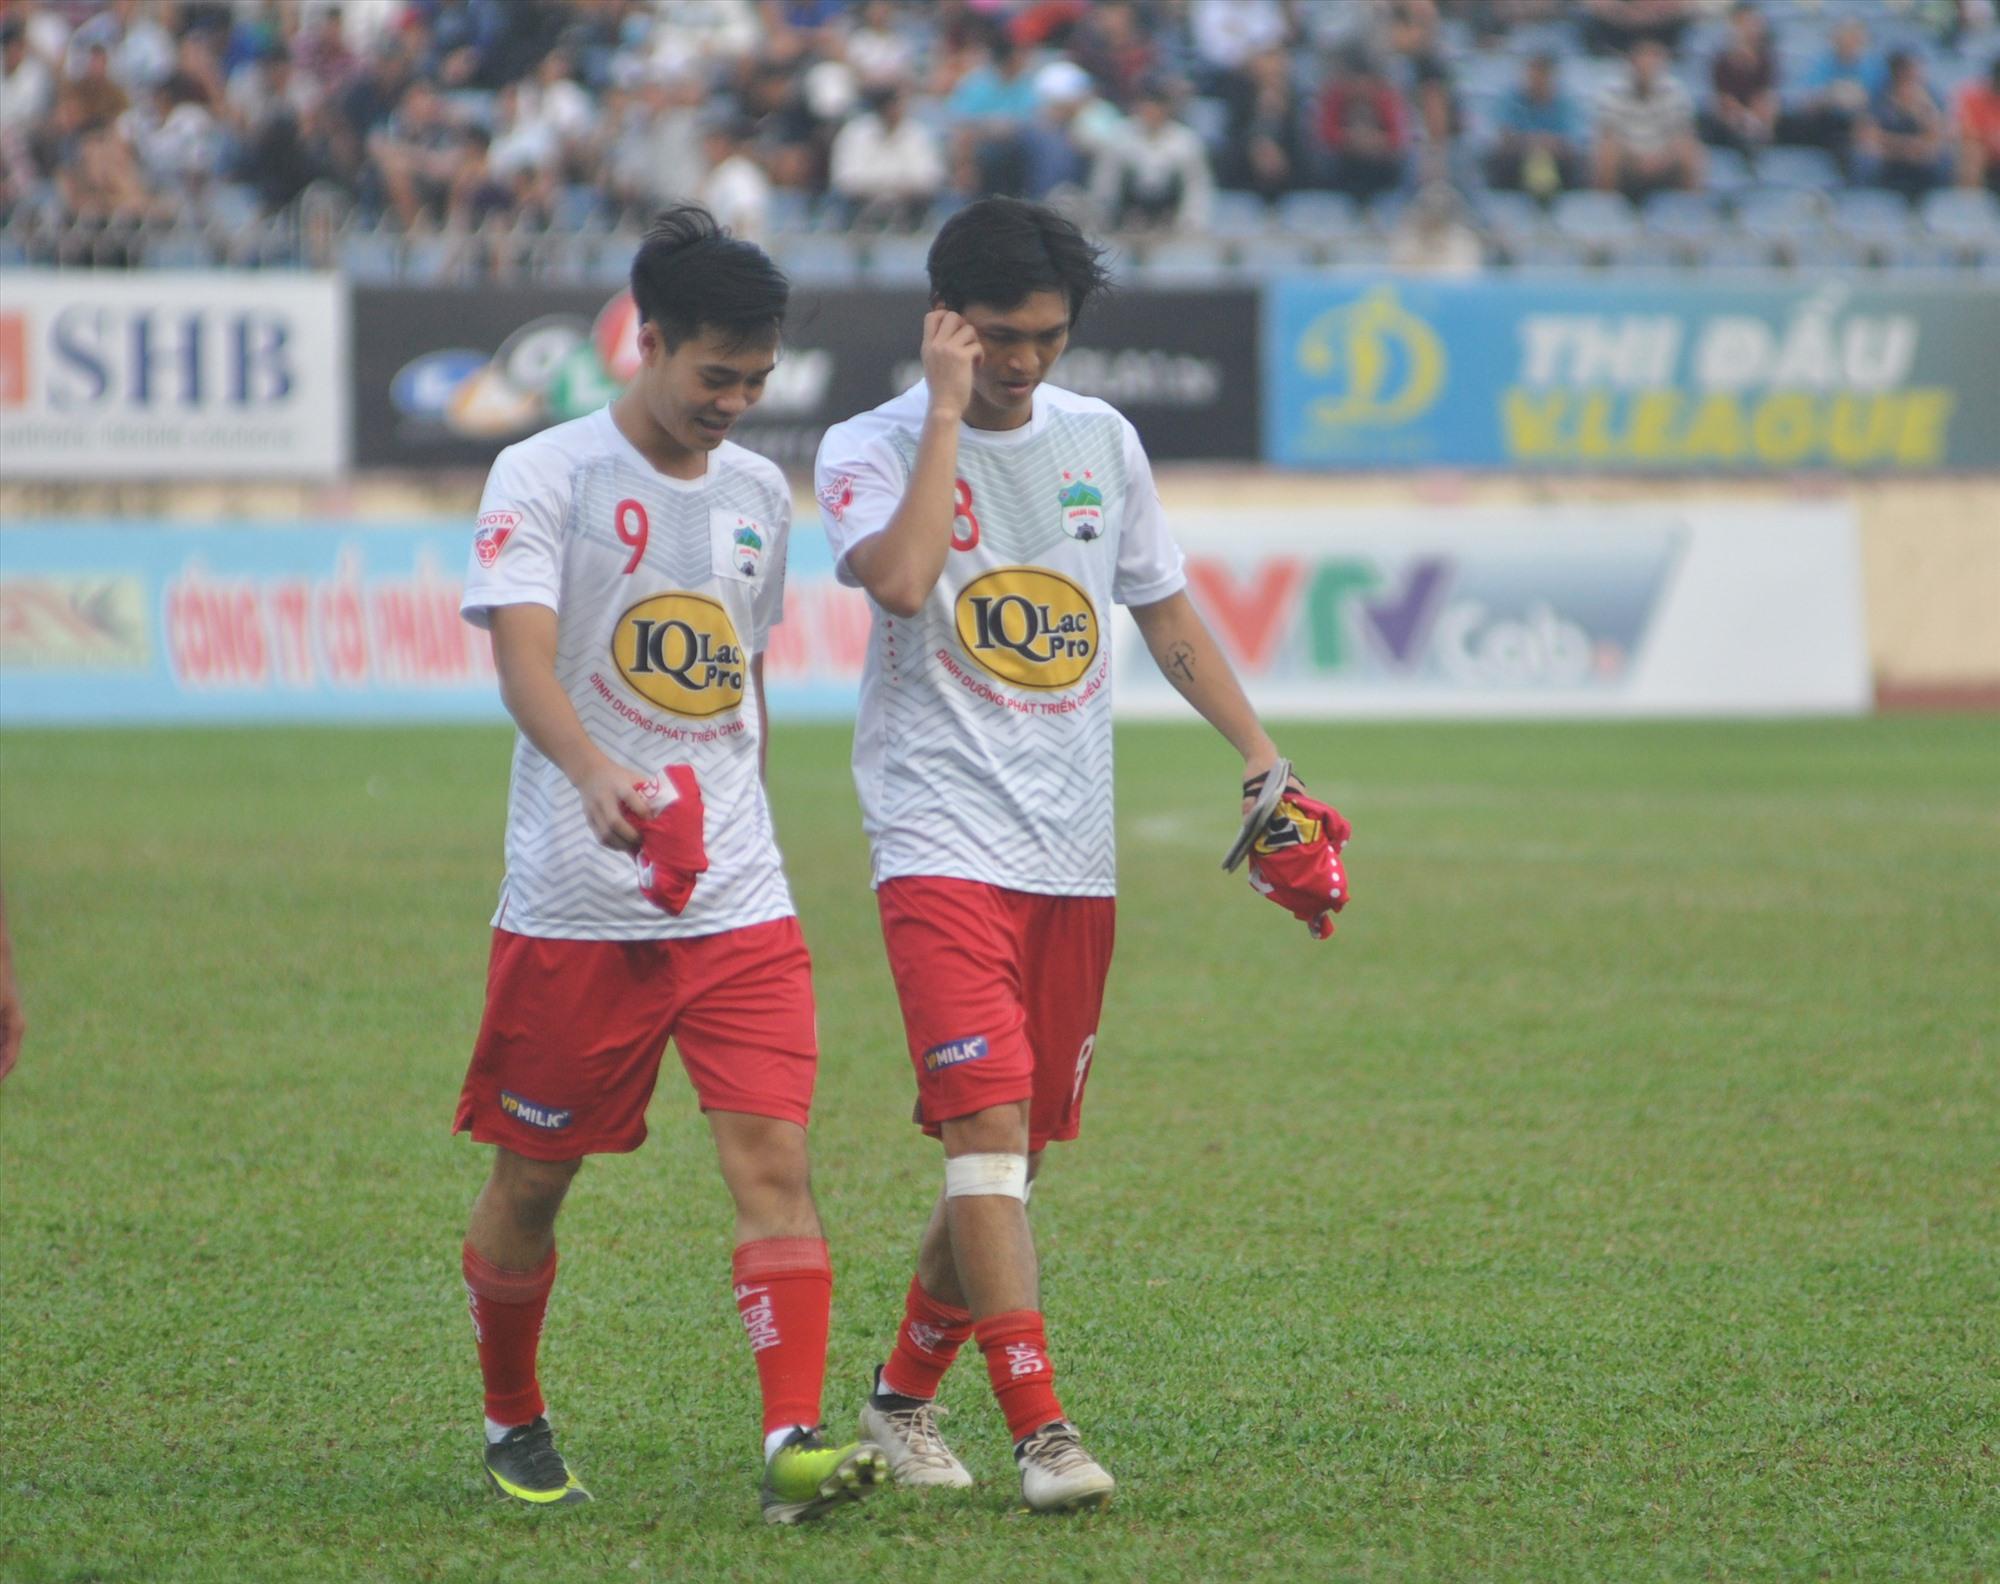 Cầu thủ Văn Toàn (bên trái) của Hoàng Anh Gia Lai rất khó khăn để đón tết năm nay khi quê hương Hải Dương của anh đang là tâm dịch. Ảnh: A.NHI